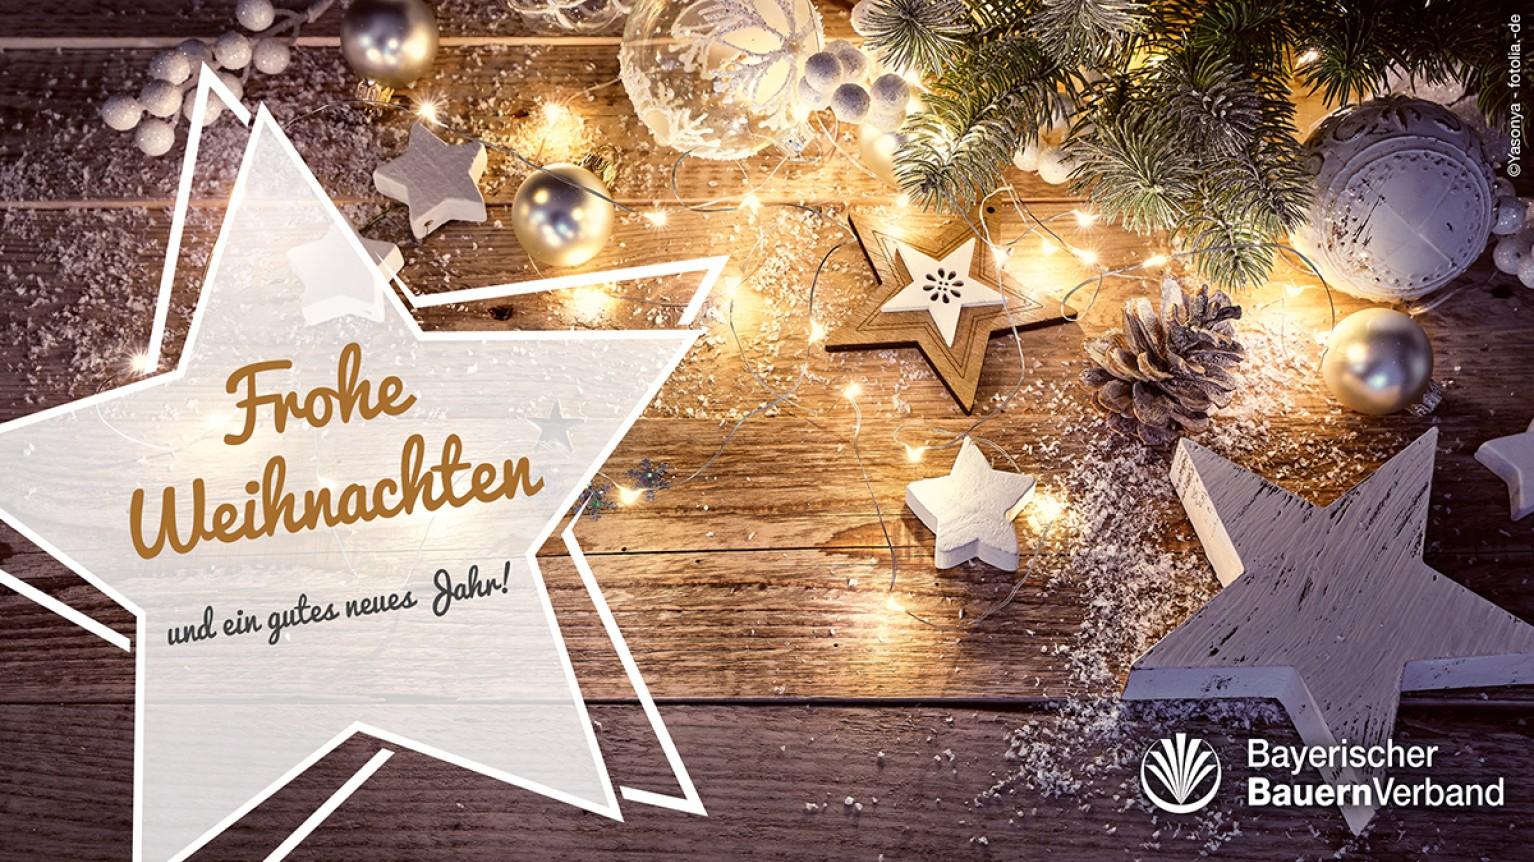 Frohe Weihnachtsgrüße.Frohe Weihnachten Bayerischer Bauernverband